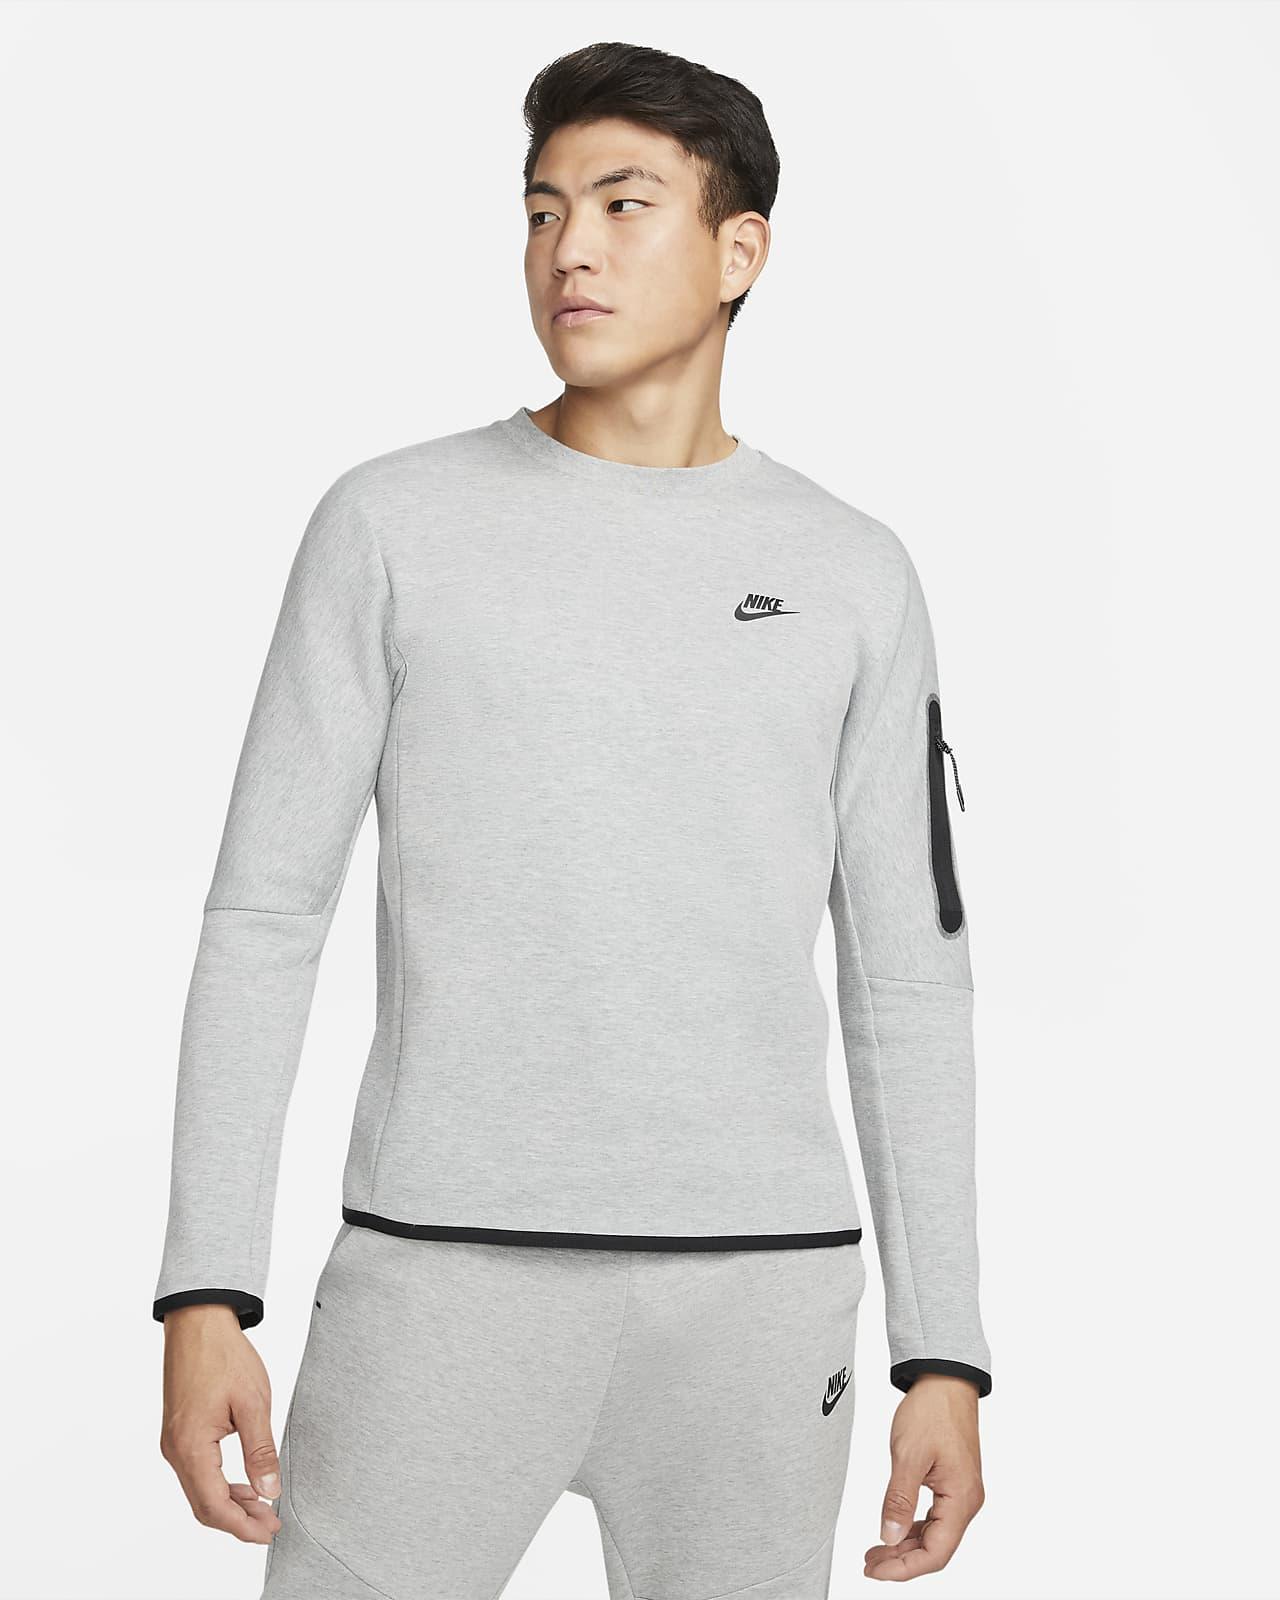 Nike Sportswear Tech Fleece 男款貼身圓領上衣